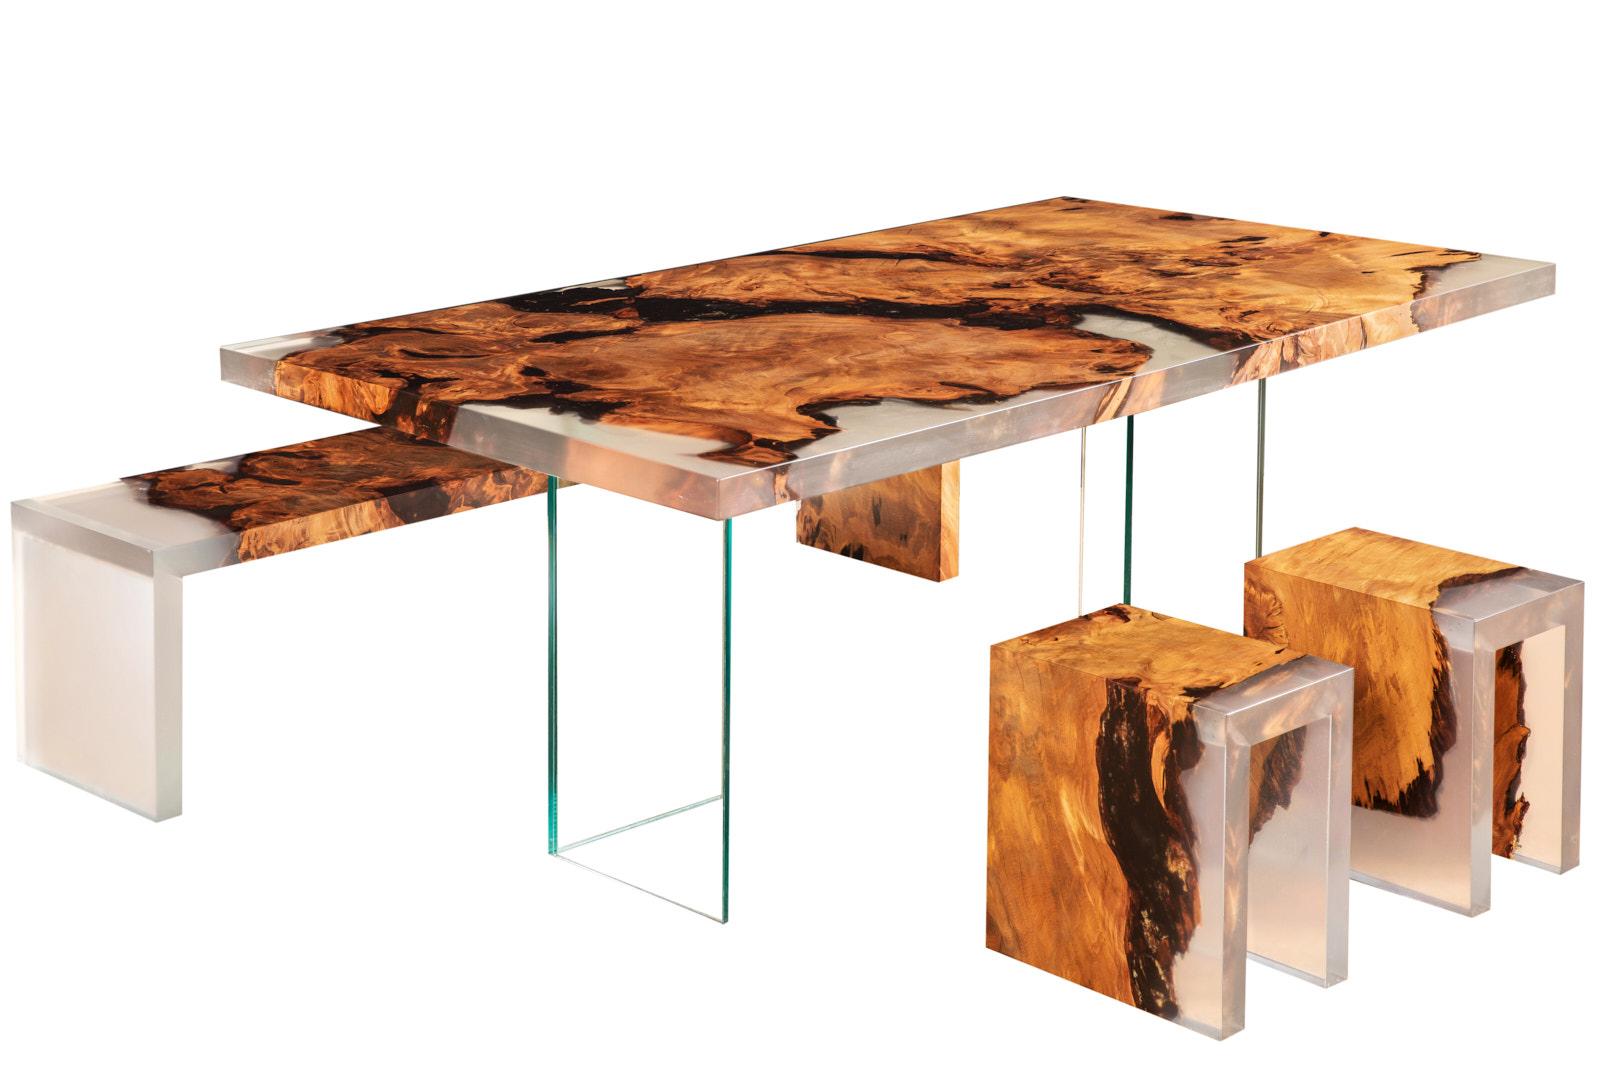 Exklusive Kauri Unikat Designmöbel bestehend aus Holztisch, Bank und Hocker. Unikat Designermöbel als individuelle Einzelanfertigung mit Glasfüßen